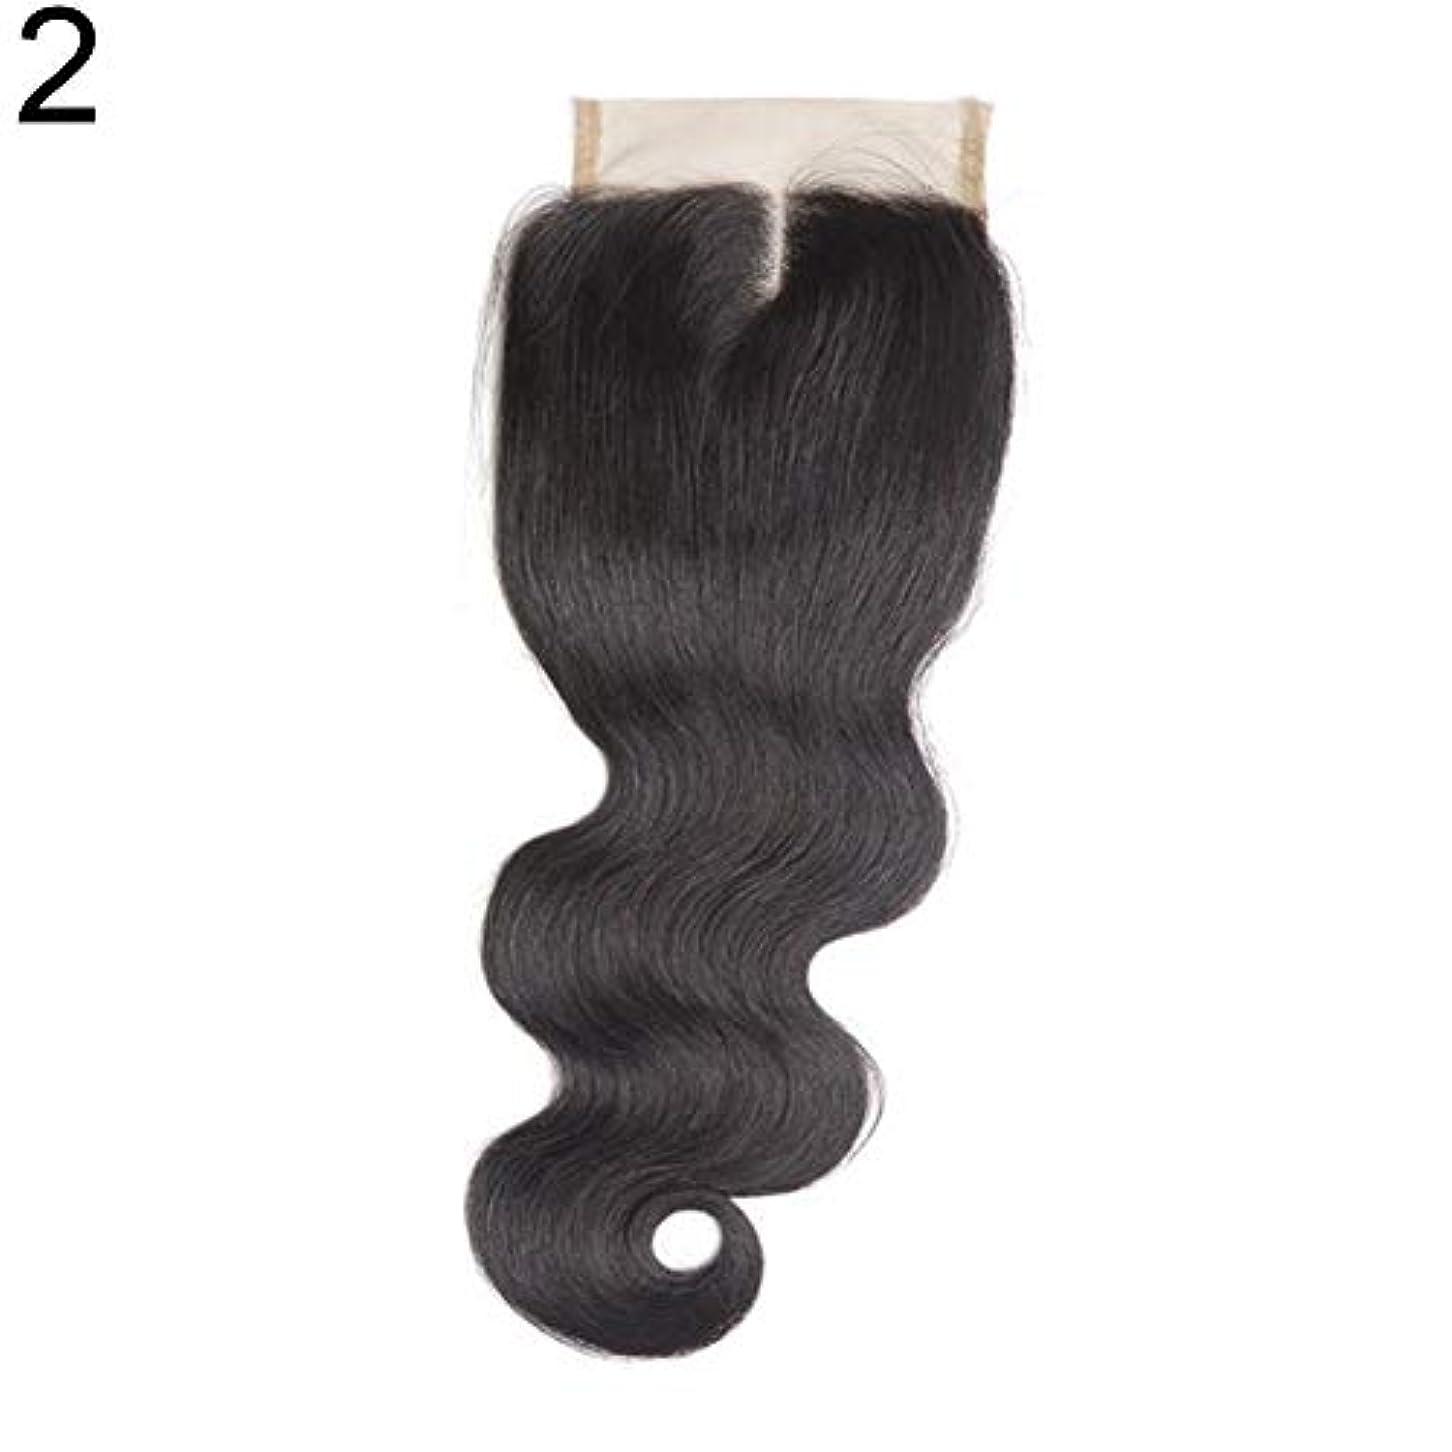 電話に出る姪ファイターslQinjiansav女性ウィッグ修理ツールブラジルのミドル/フリー/3部人間の髪のレース閉鎖ウィッグ黒ヘアピース